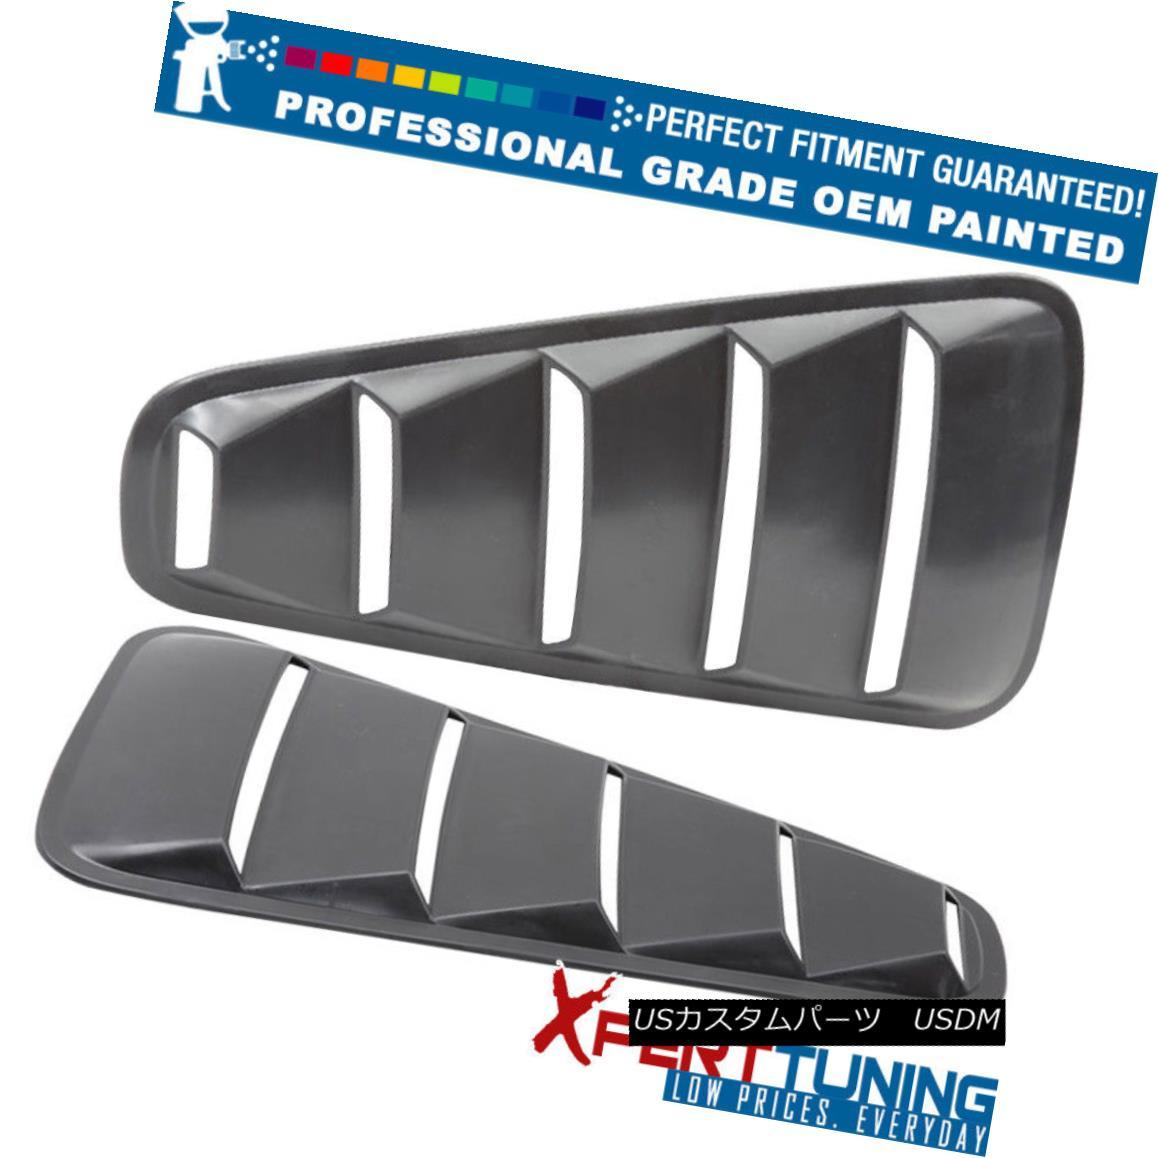 エアロパーツ 05-09 Ford Mustang OE Style Painted PP Window Louver Visor - OEM Painted Color 05-09フォードマスタングOEスタイルのペイントPPウィンドウルーバーバイザー - OEM塗装カラー